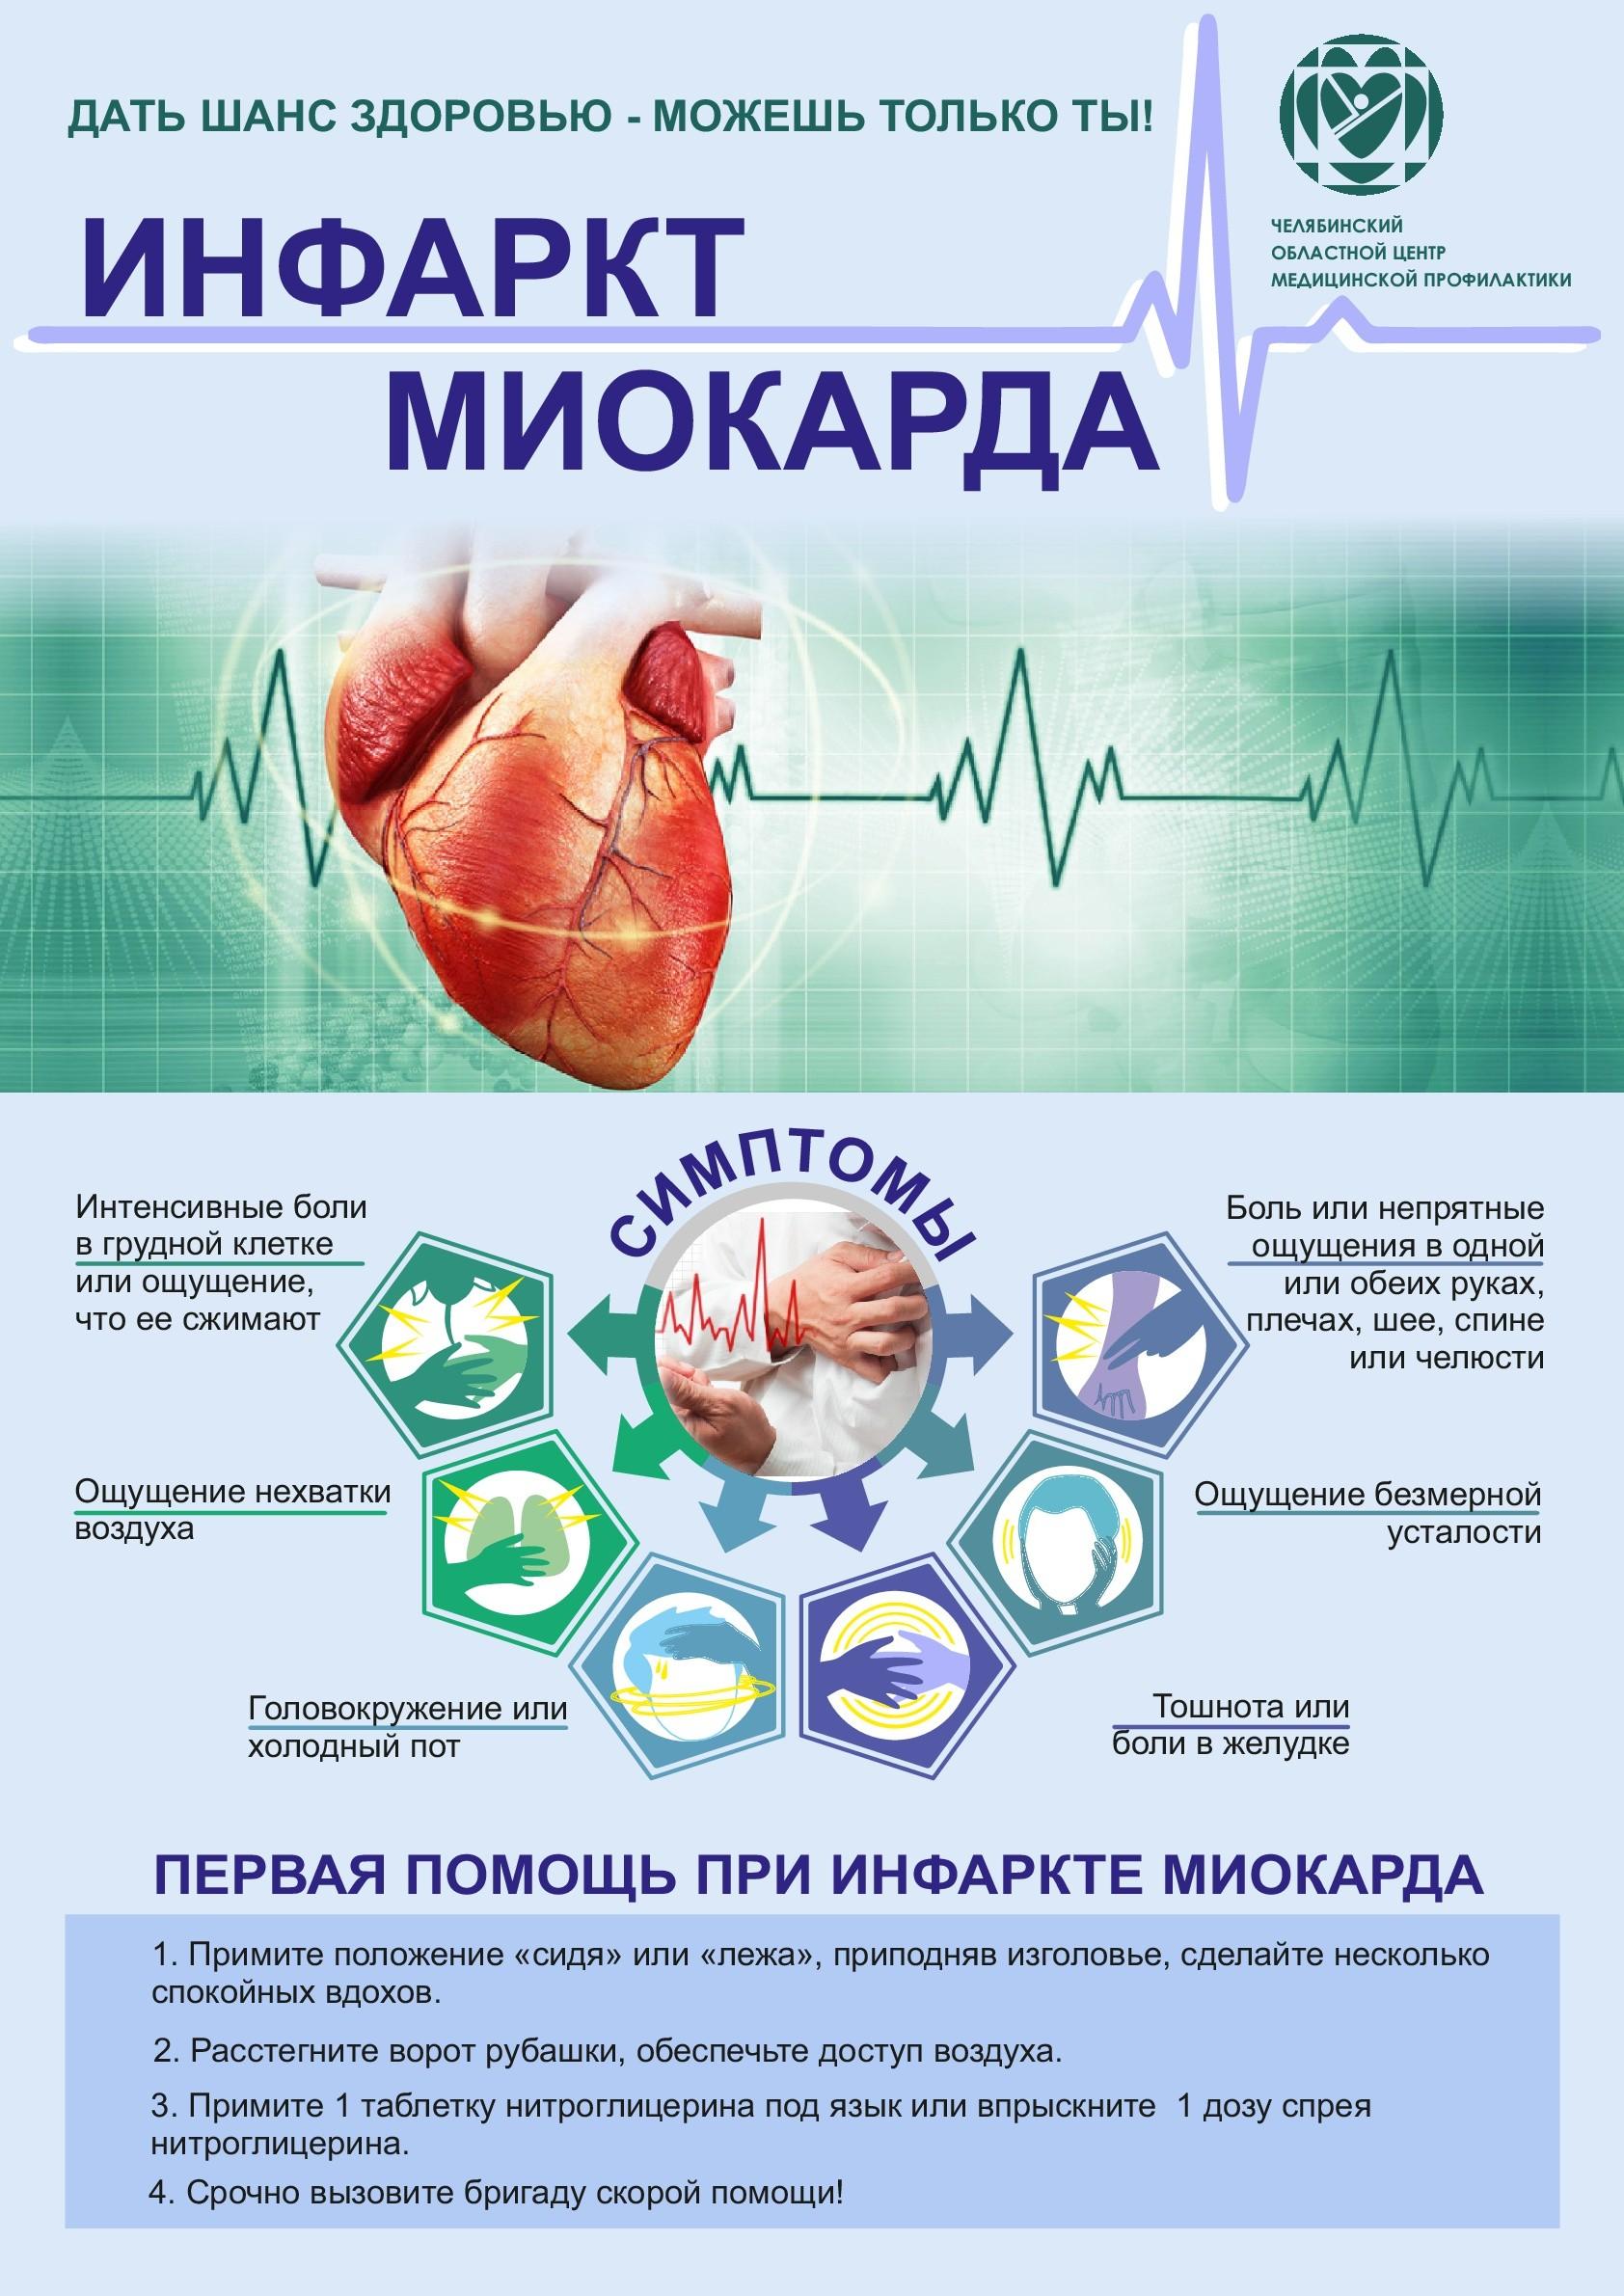 Инфаркты миокарда